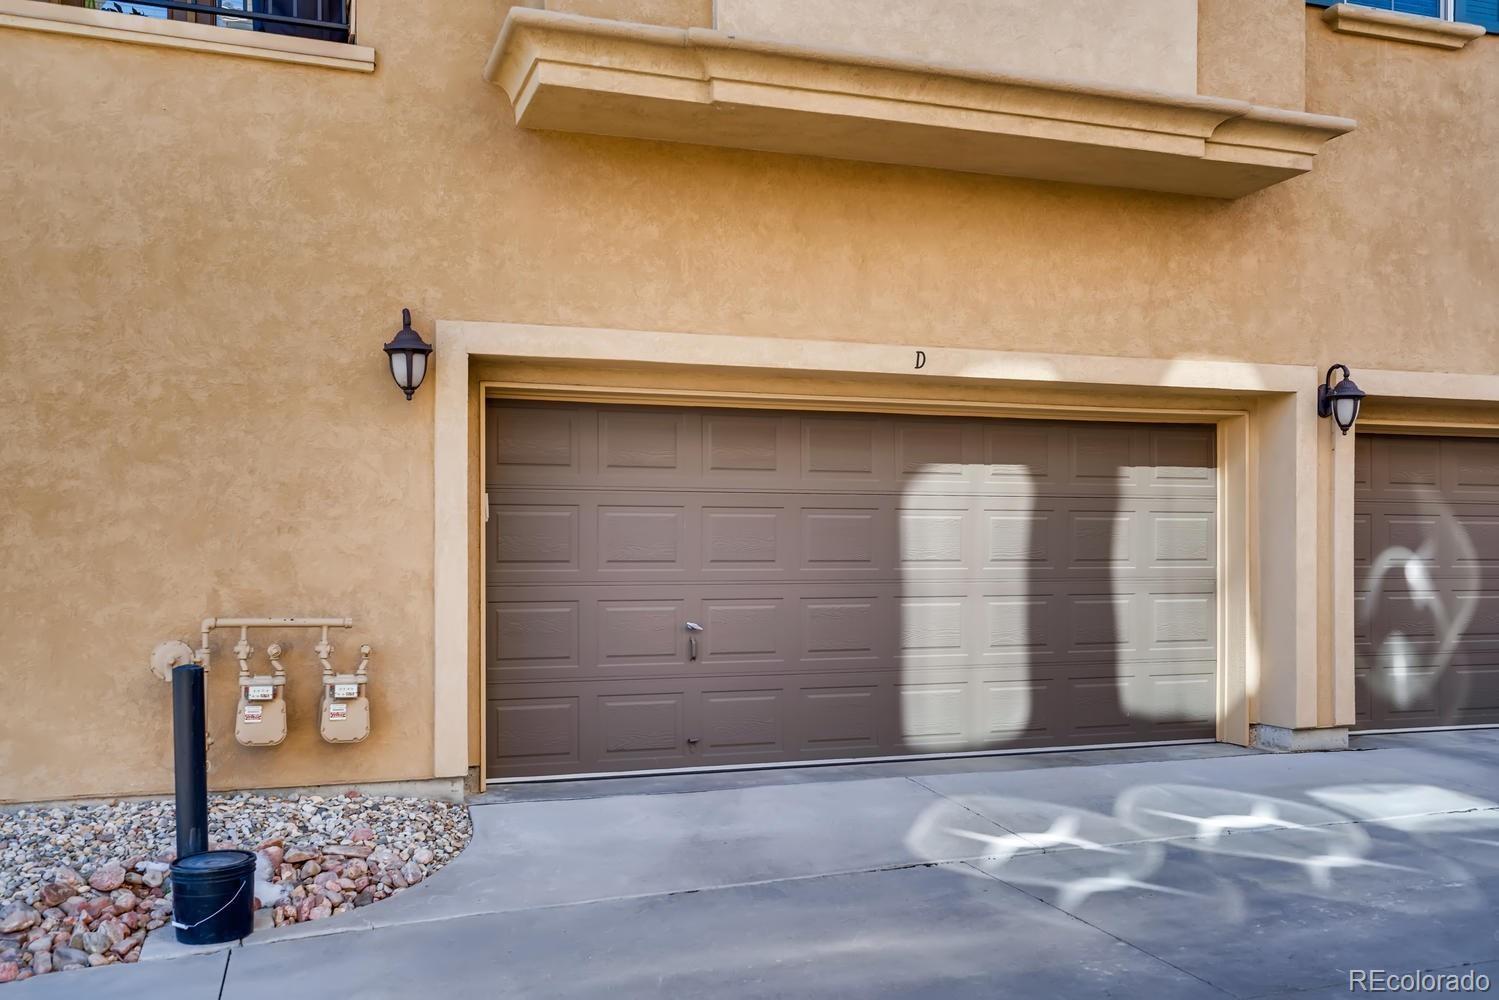 MLS# 5326326 - 28 - 9371 Loggia Street #D, Highlands Ranch, CO 80126